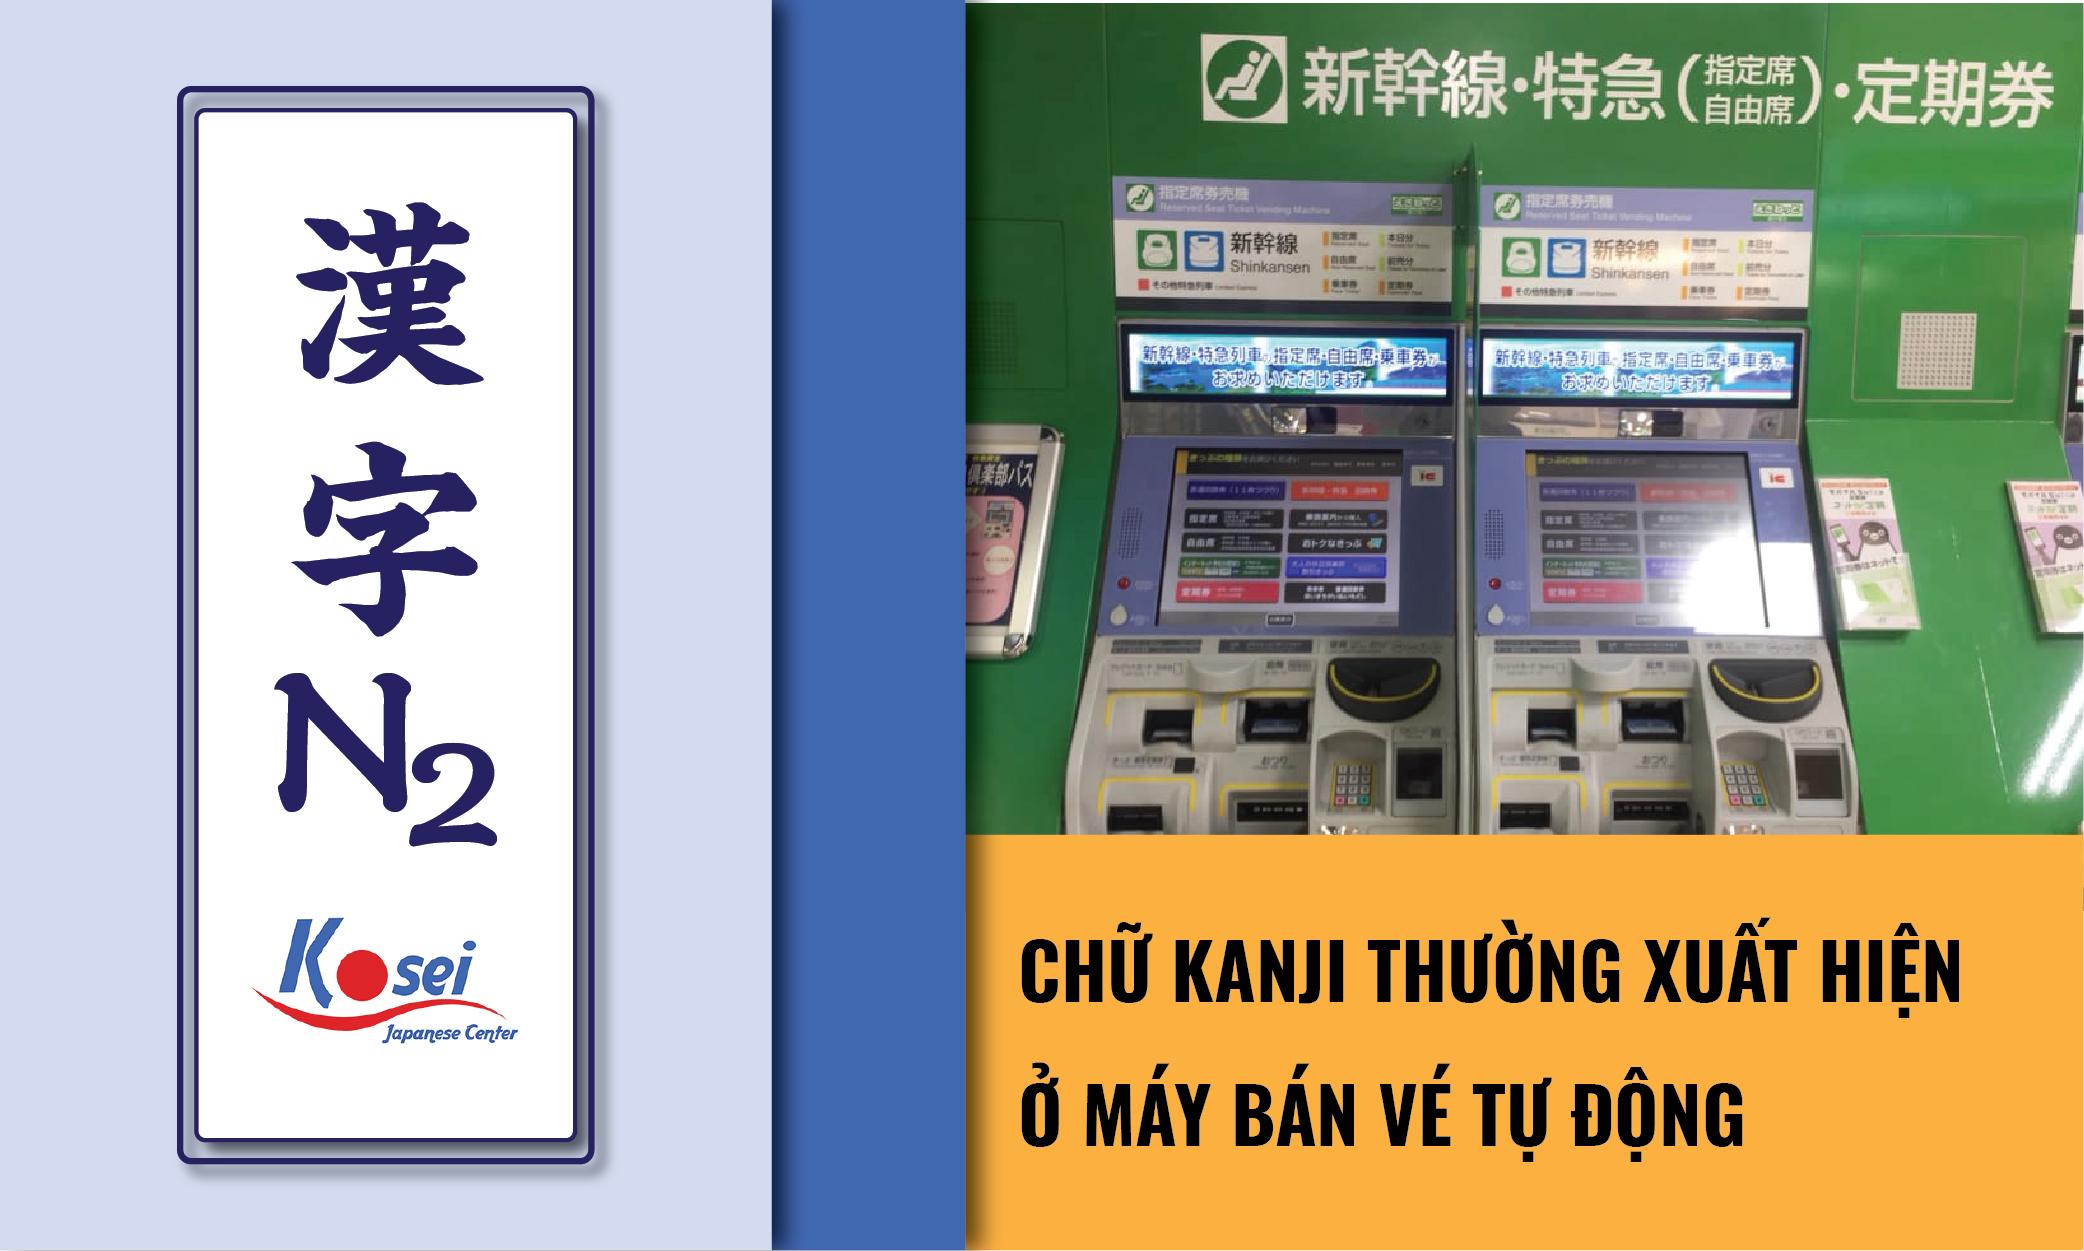 kanji n2 máy bán vé tự động